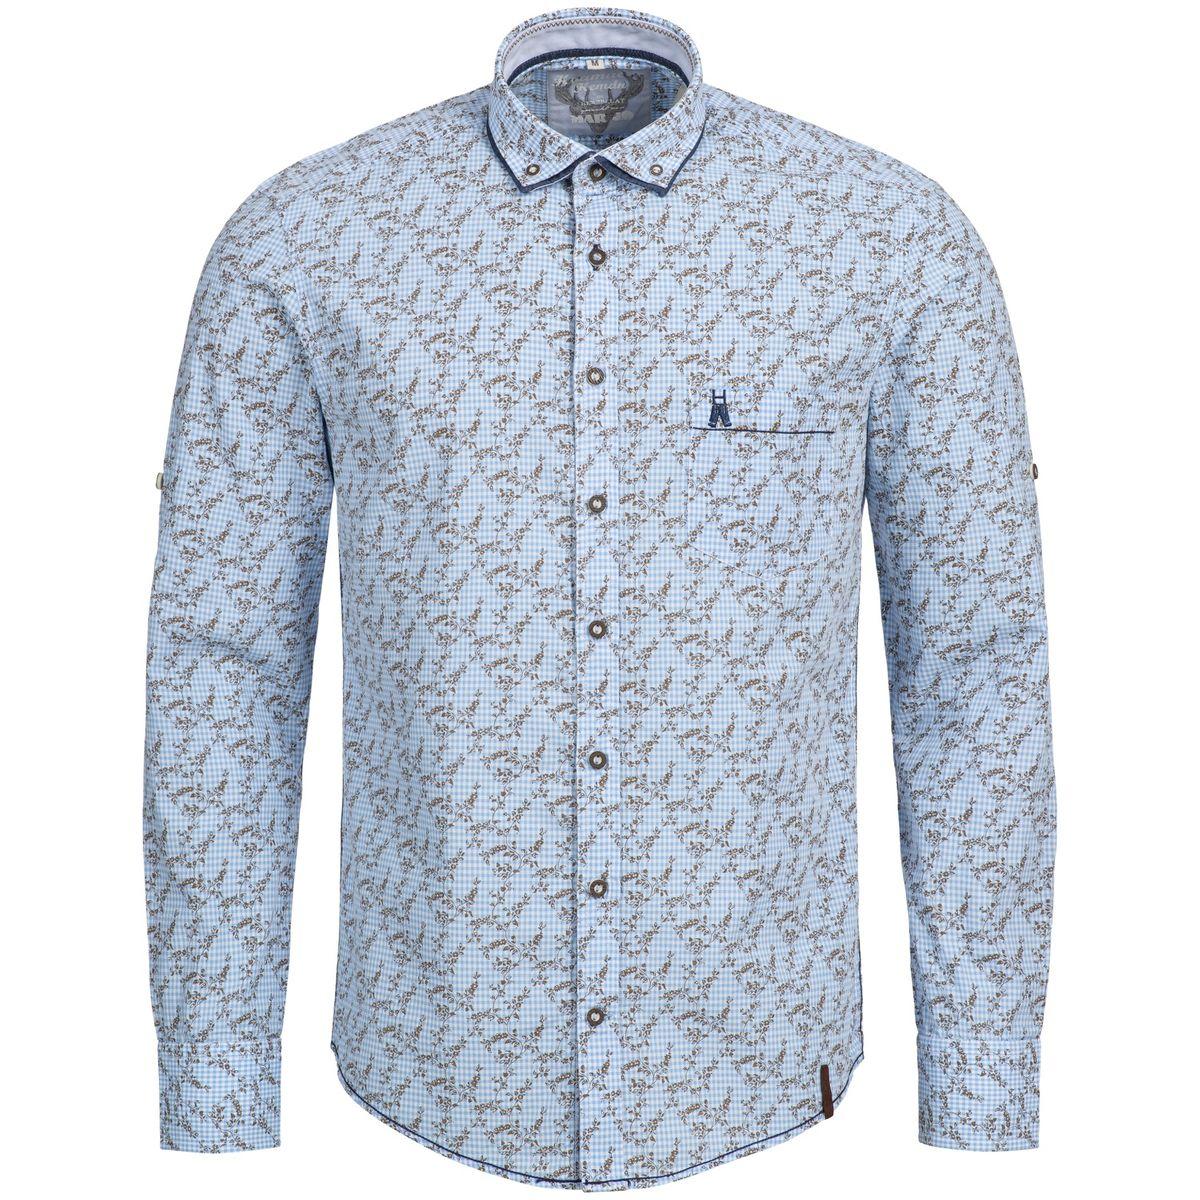 Trachtenhemd Slimline Farald in Blau von Marjo Trachten